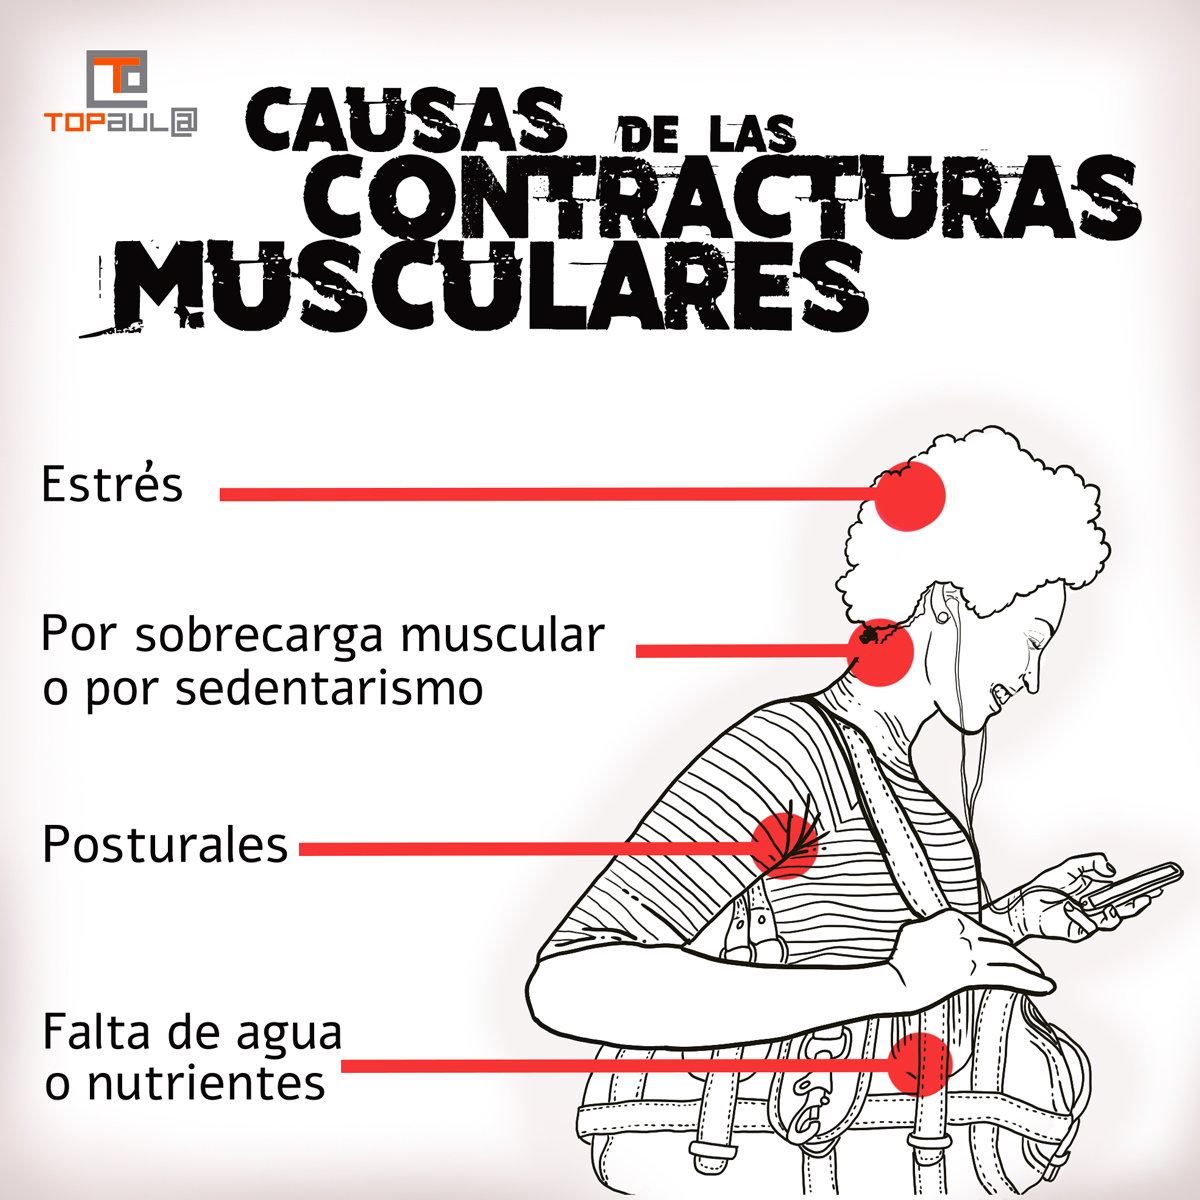 Infografía ¿Por qué sufrimos contracturas musculares? - www.topaula.com